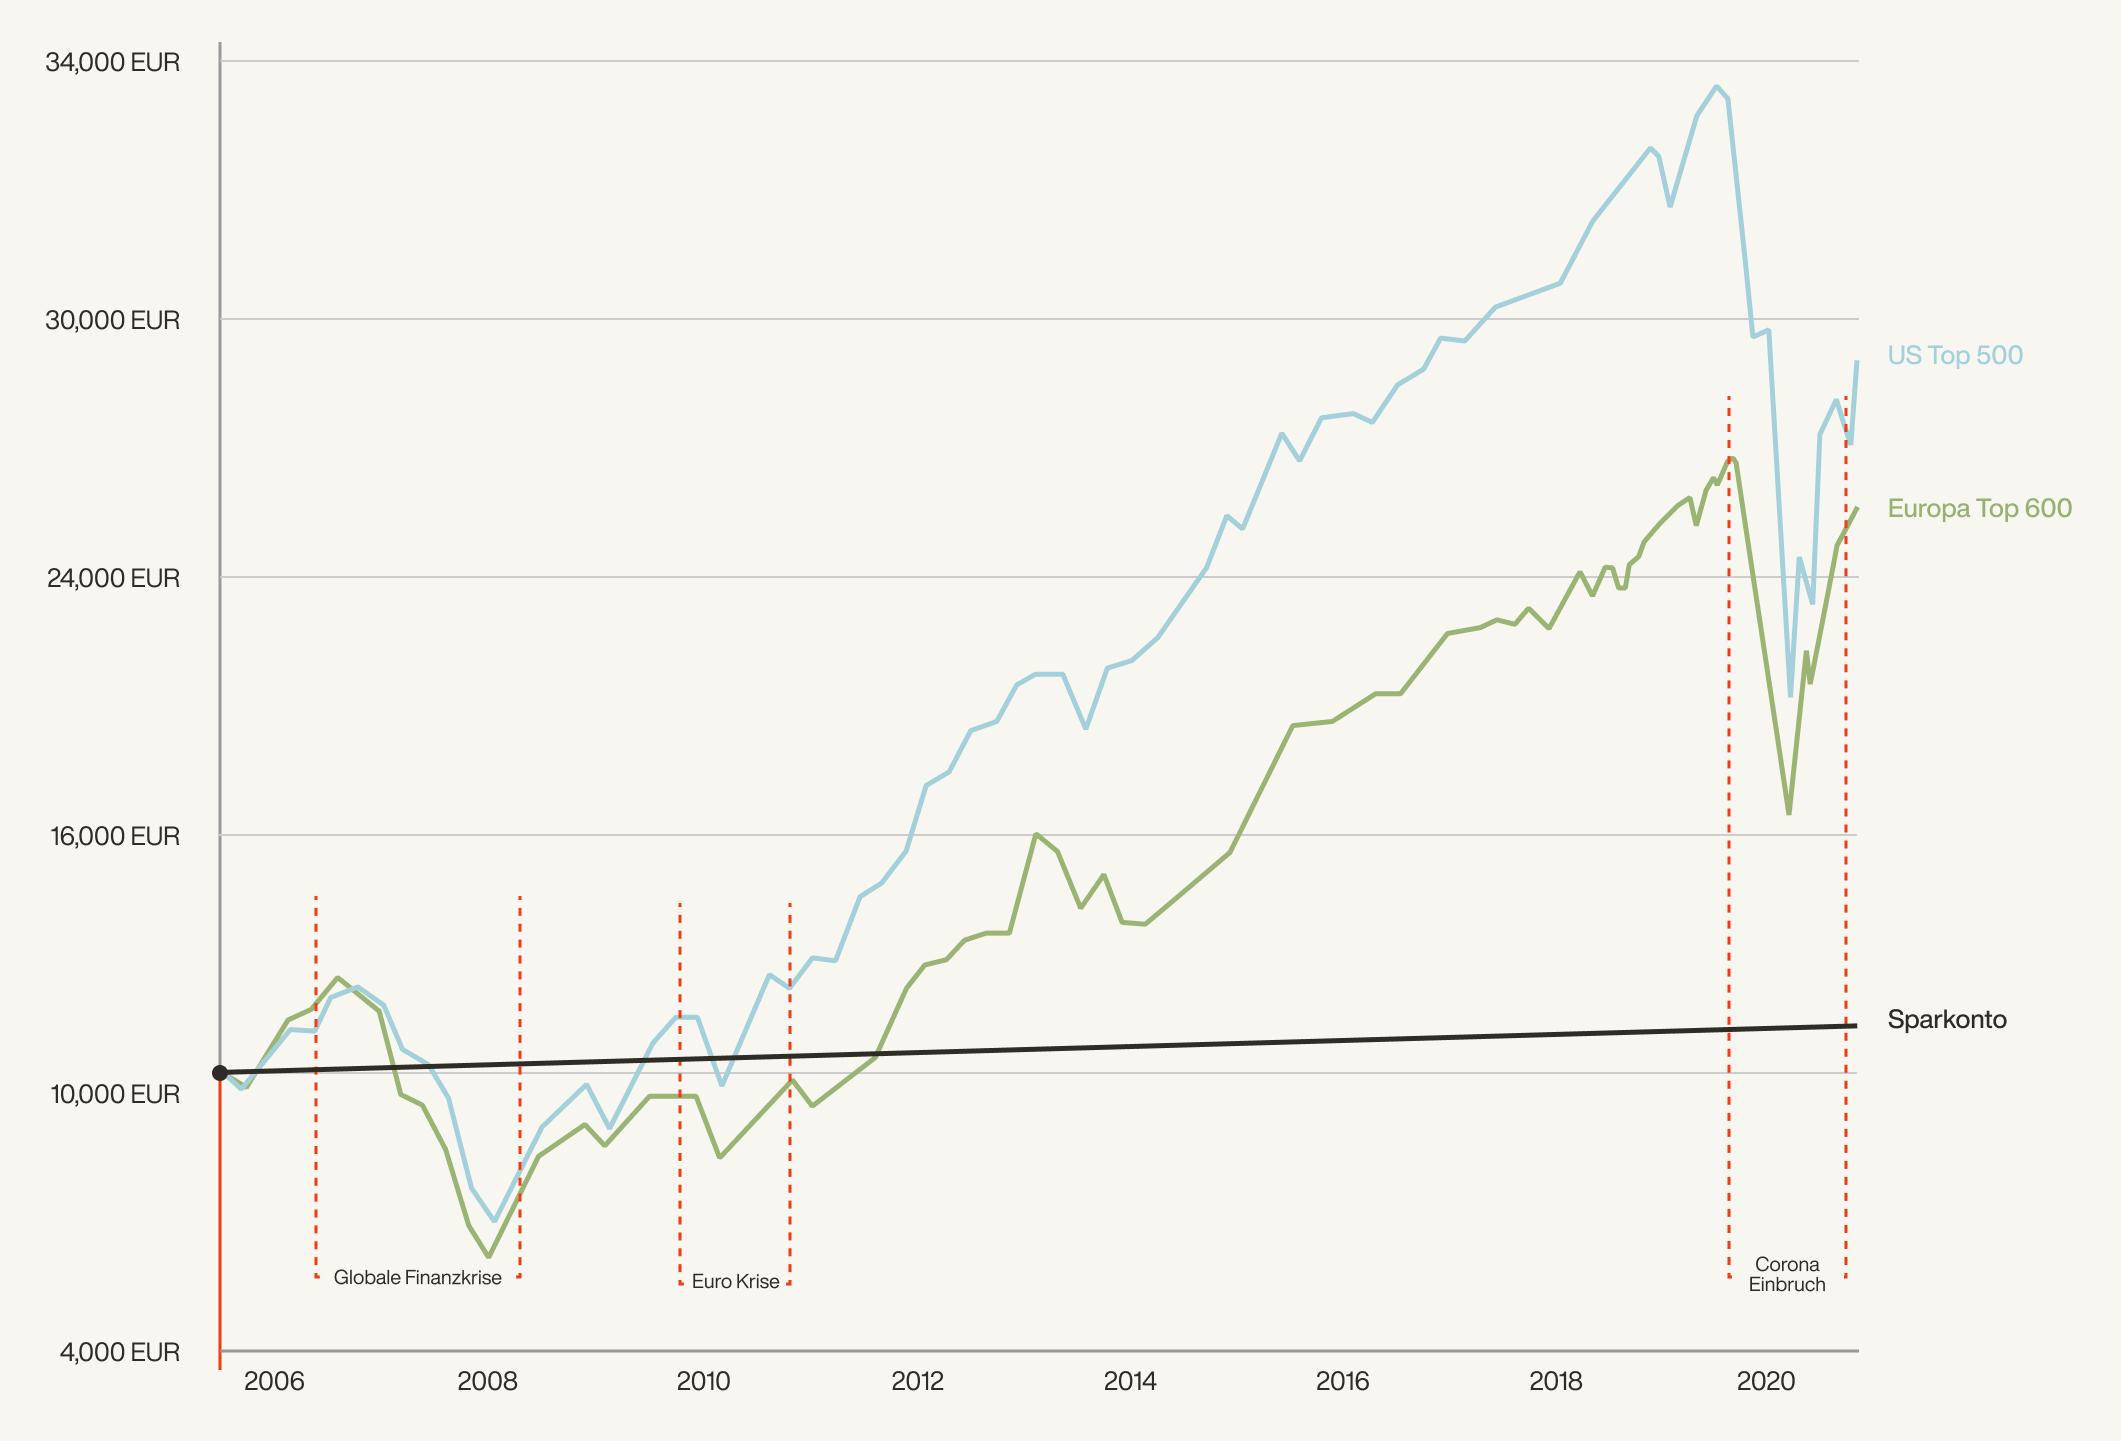 Entwicklung der Aktienmarktwerte mit der Zeit